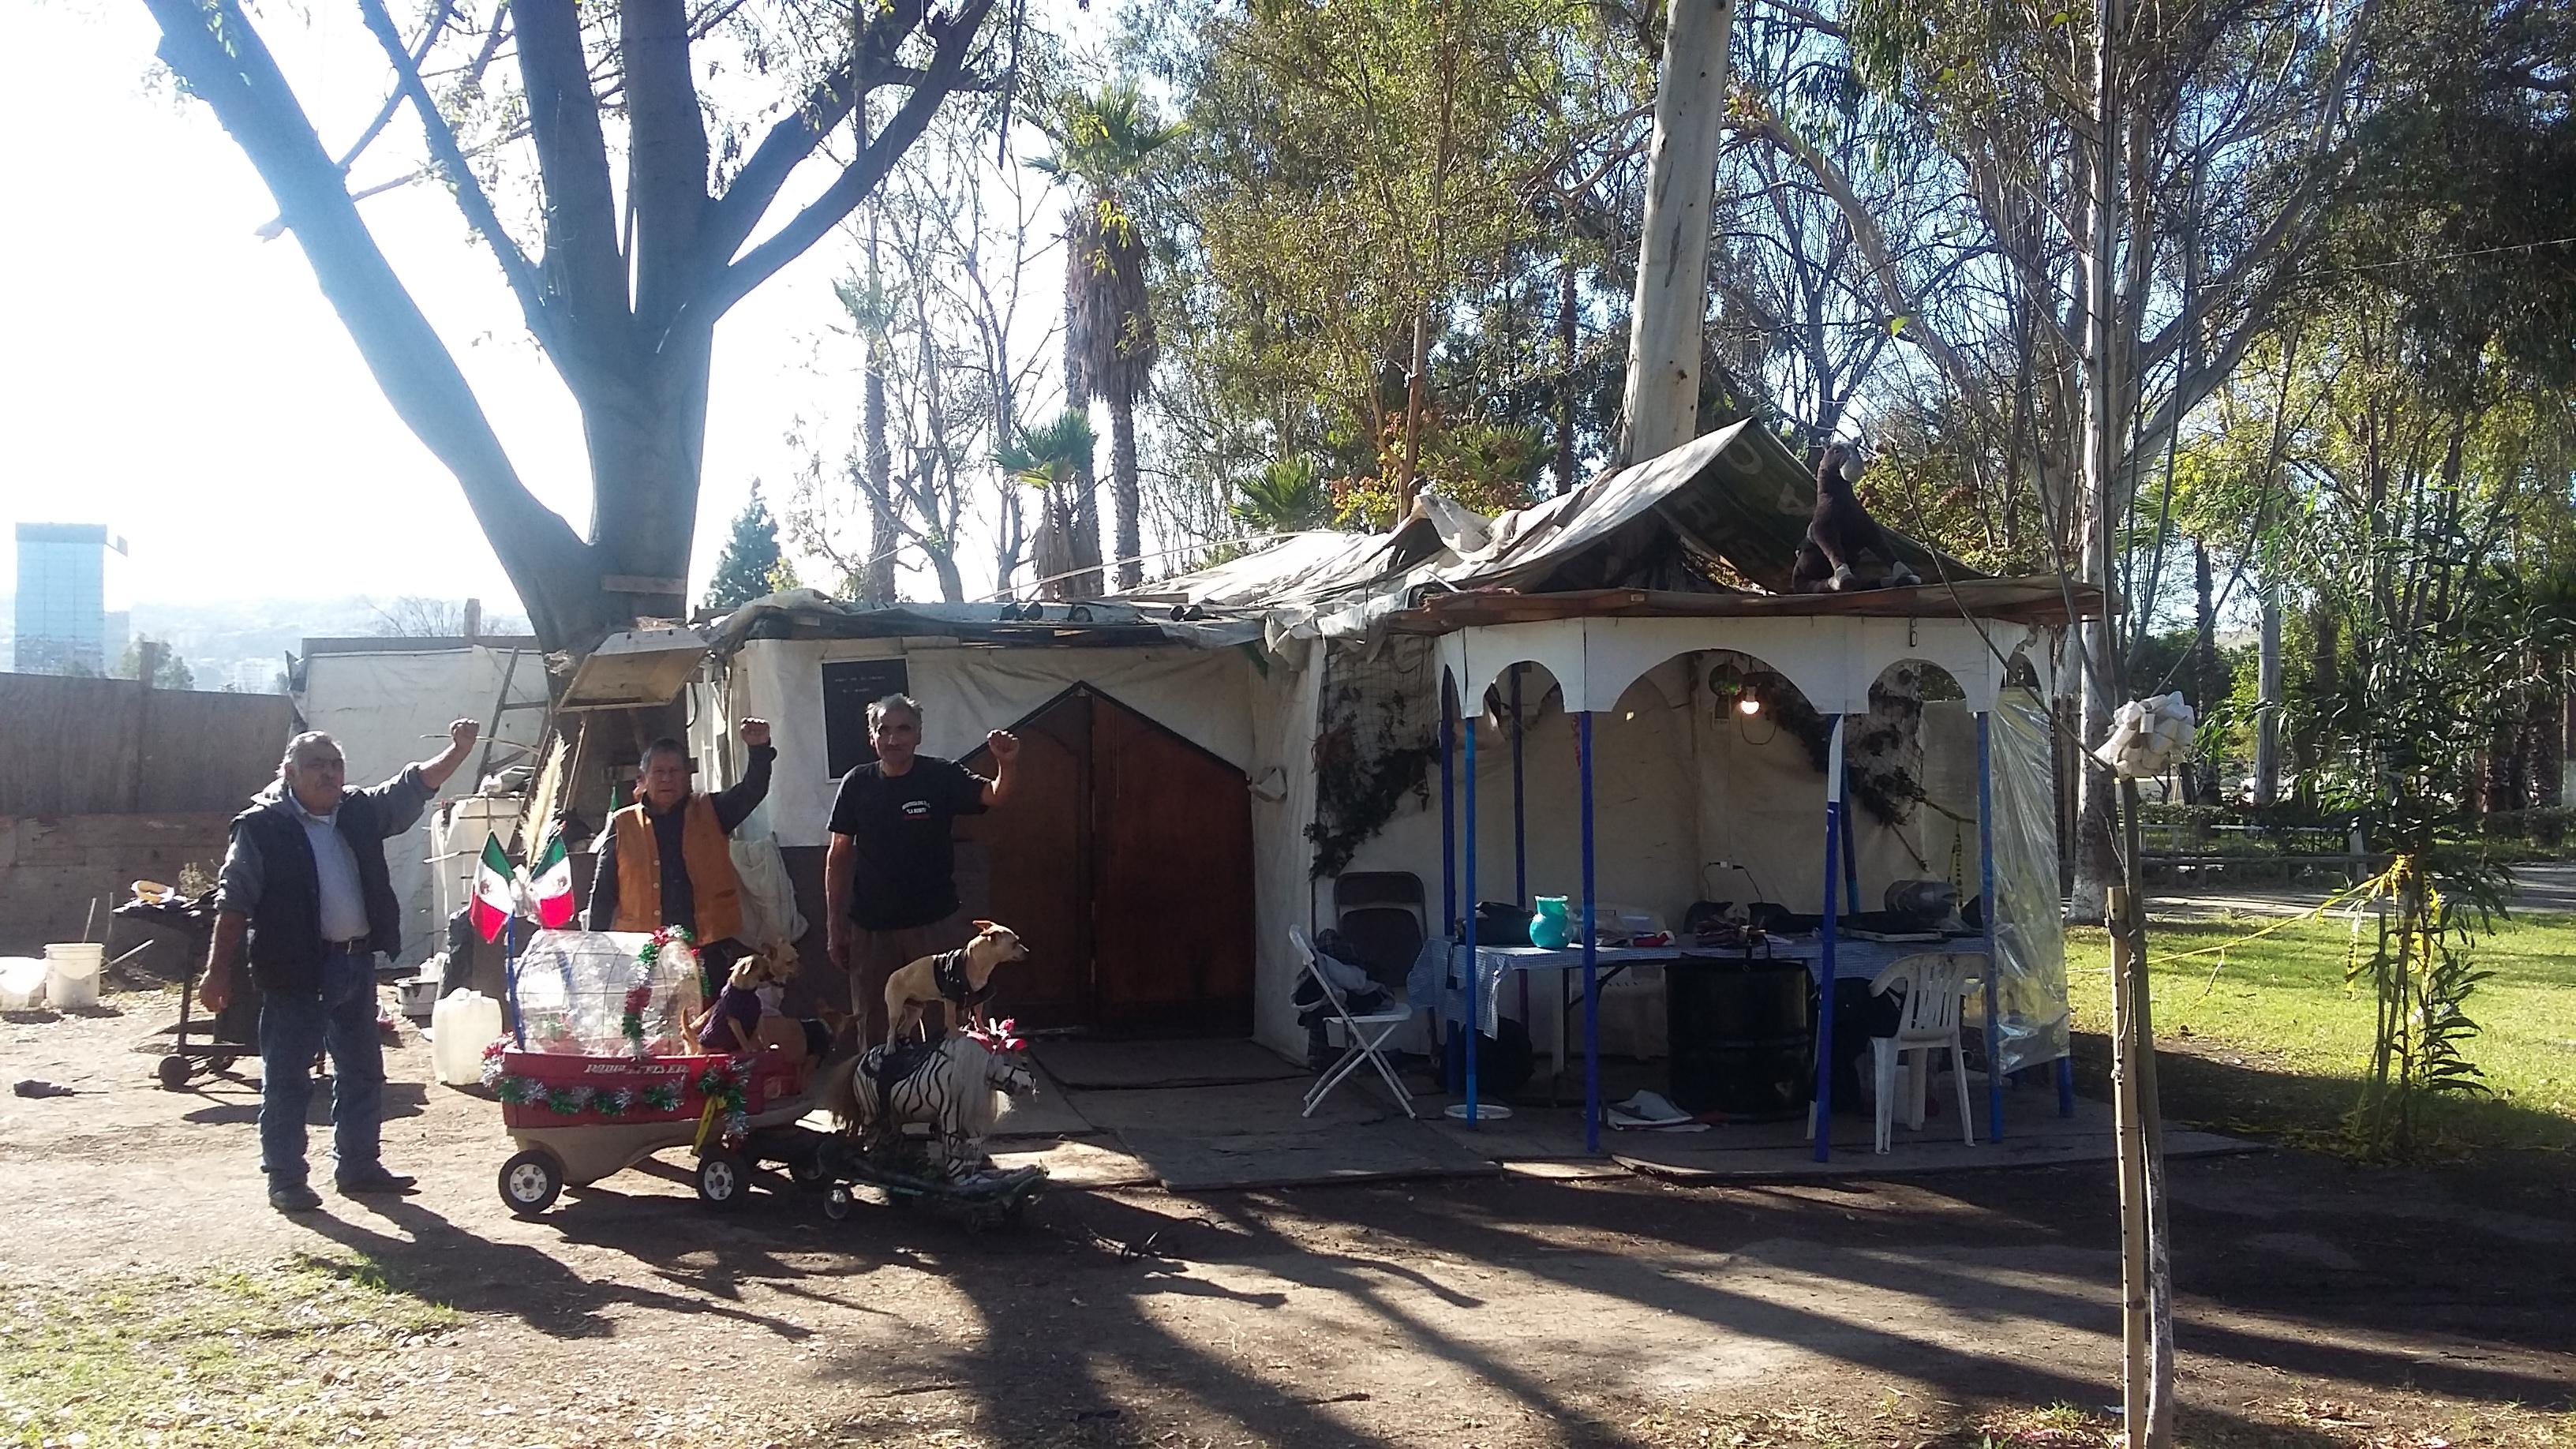 Encampment at Parque Benito Juarez in Tijuana